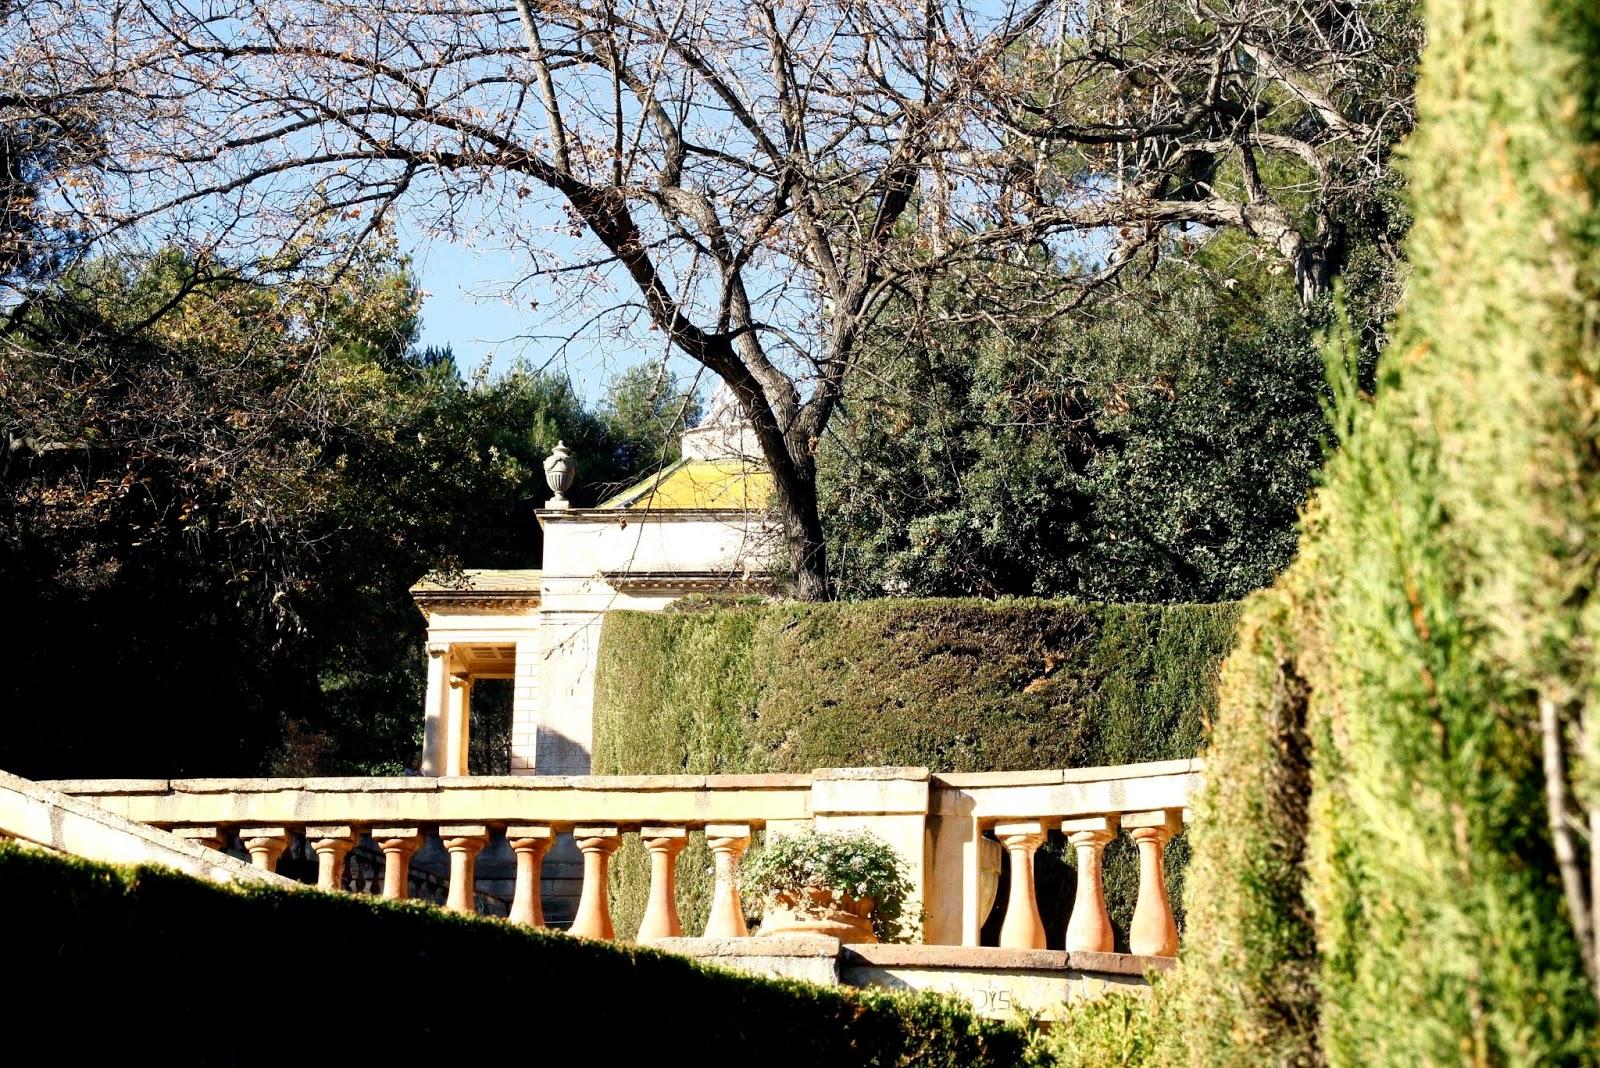 Cinco parques y jardines de barcelona ahora toca viajar for Parques y jardines de barcelona